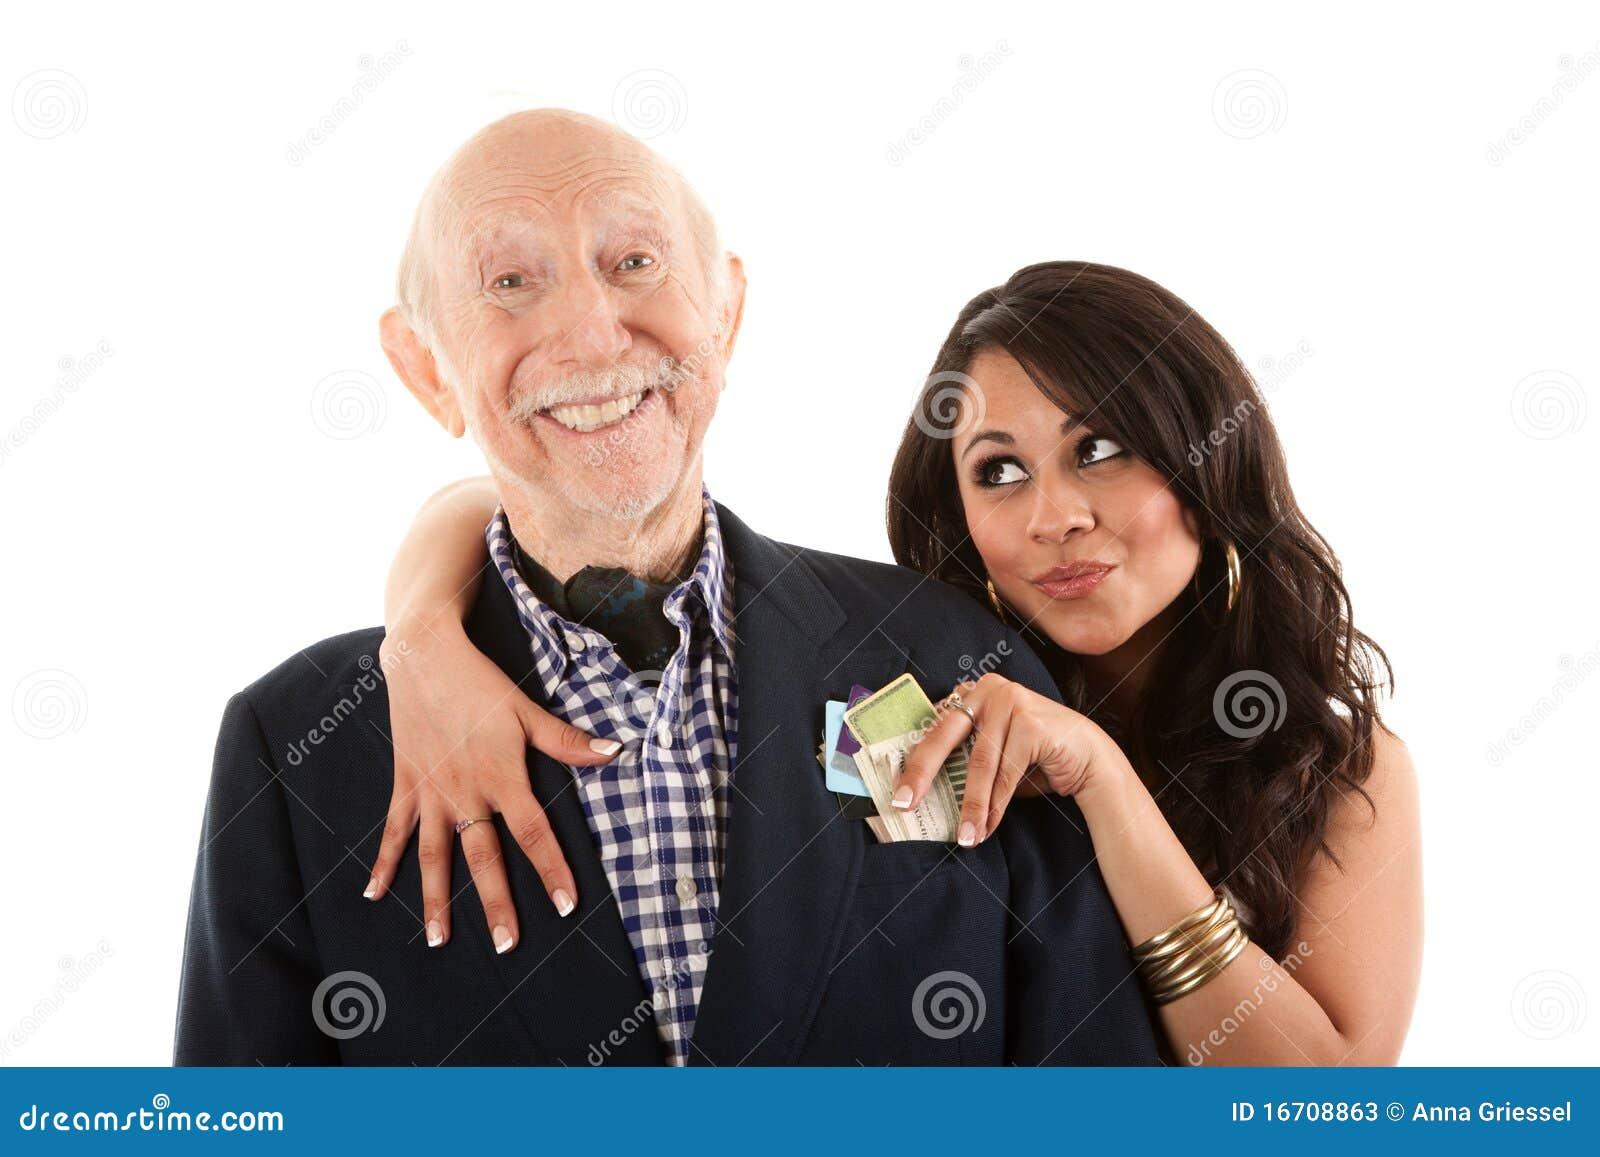 Mann mit Goldgräber Begleiter oder Frau